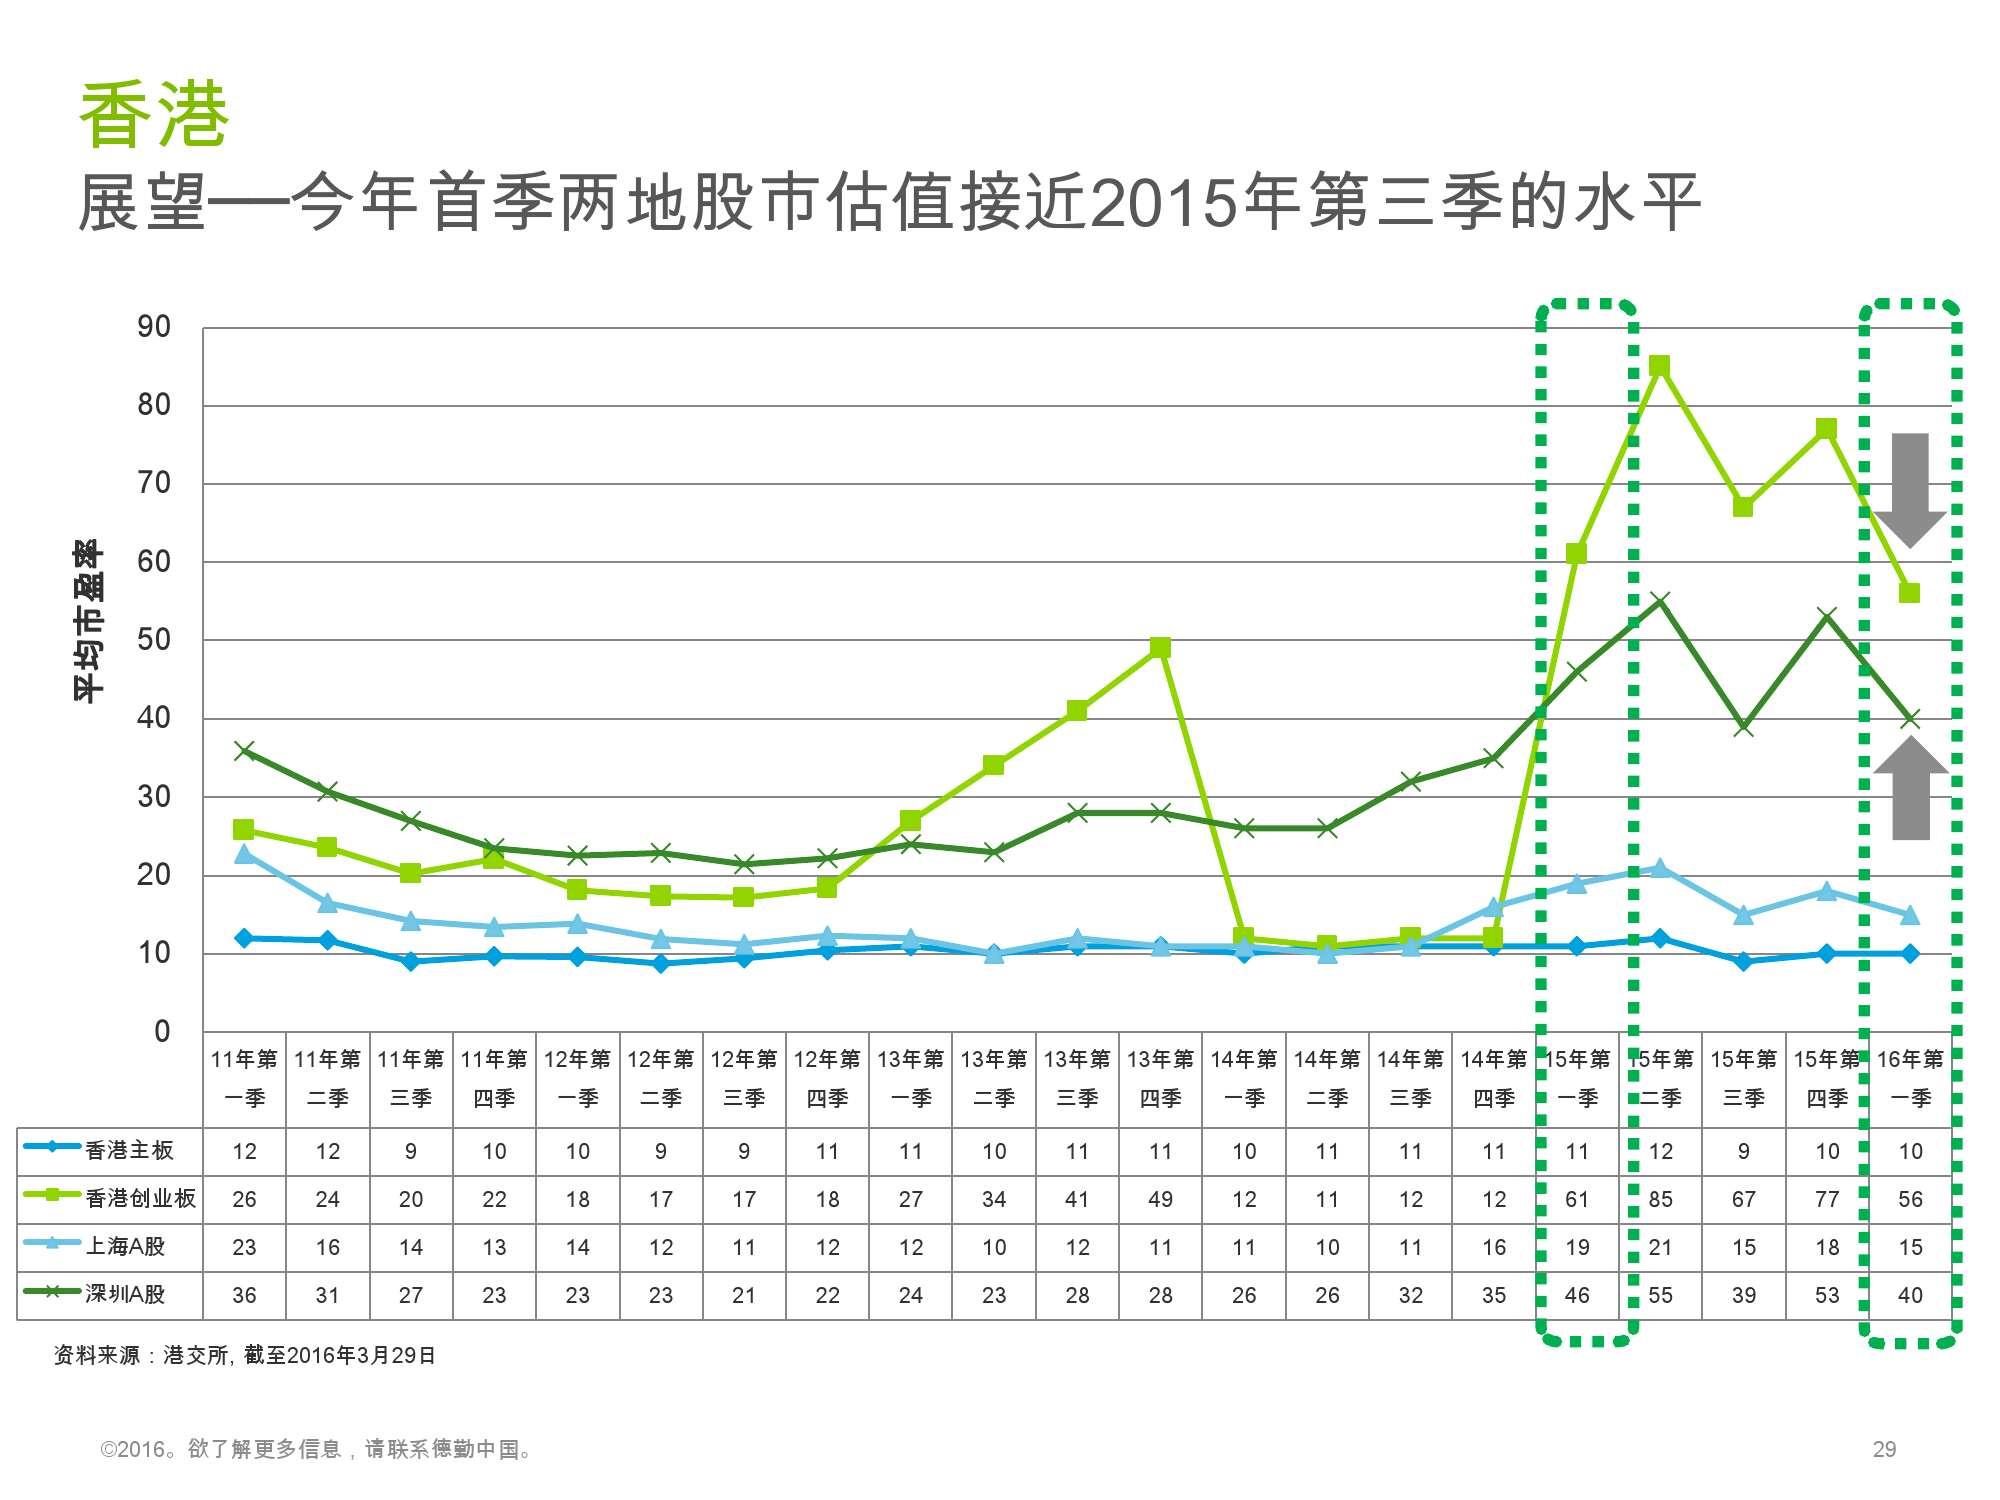 香港及中国大陆IPO市场2016年1季度_000029